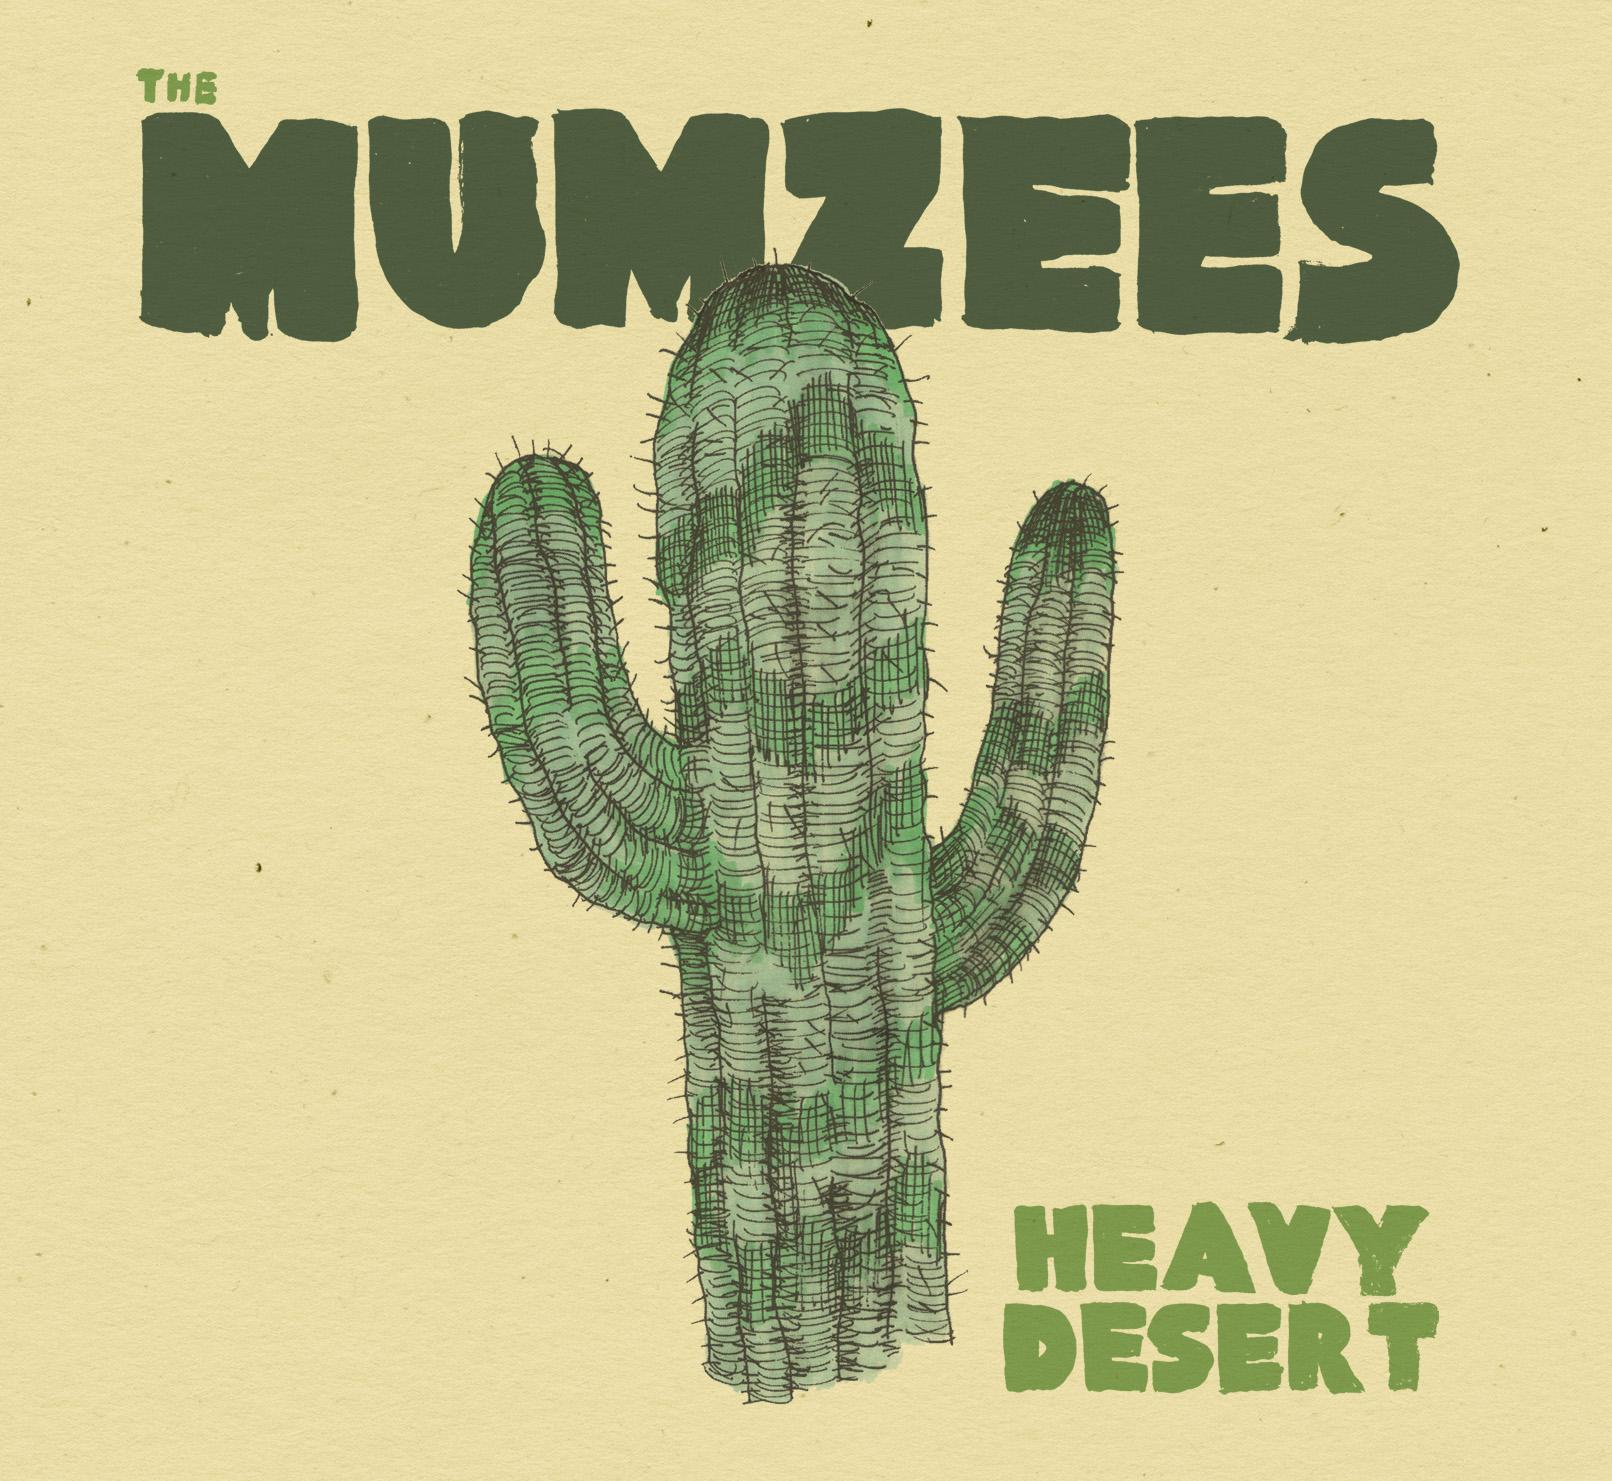 Heavy Desert